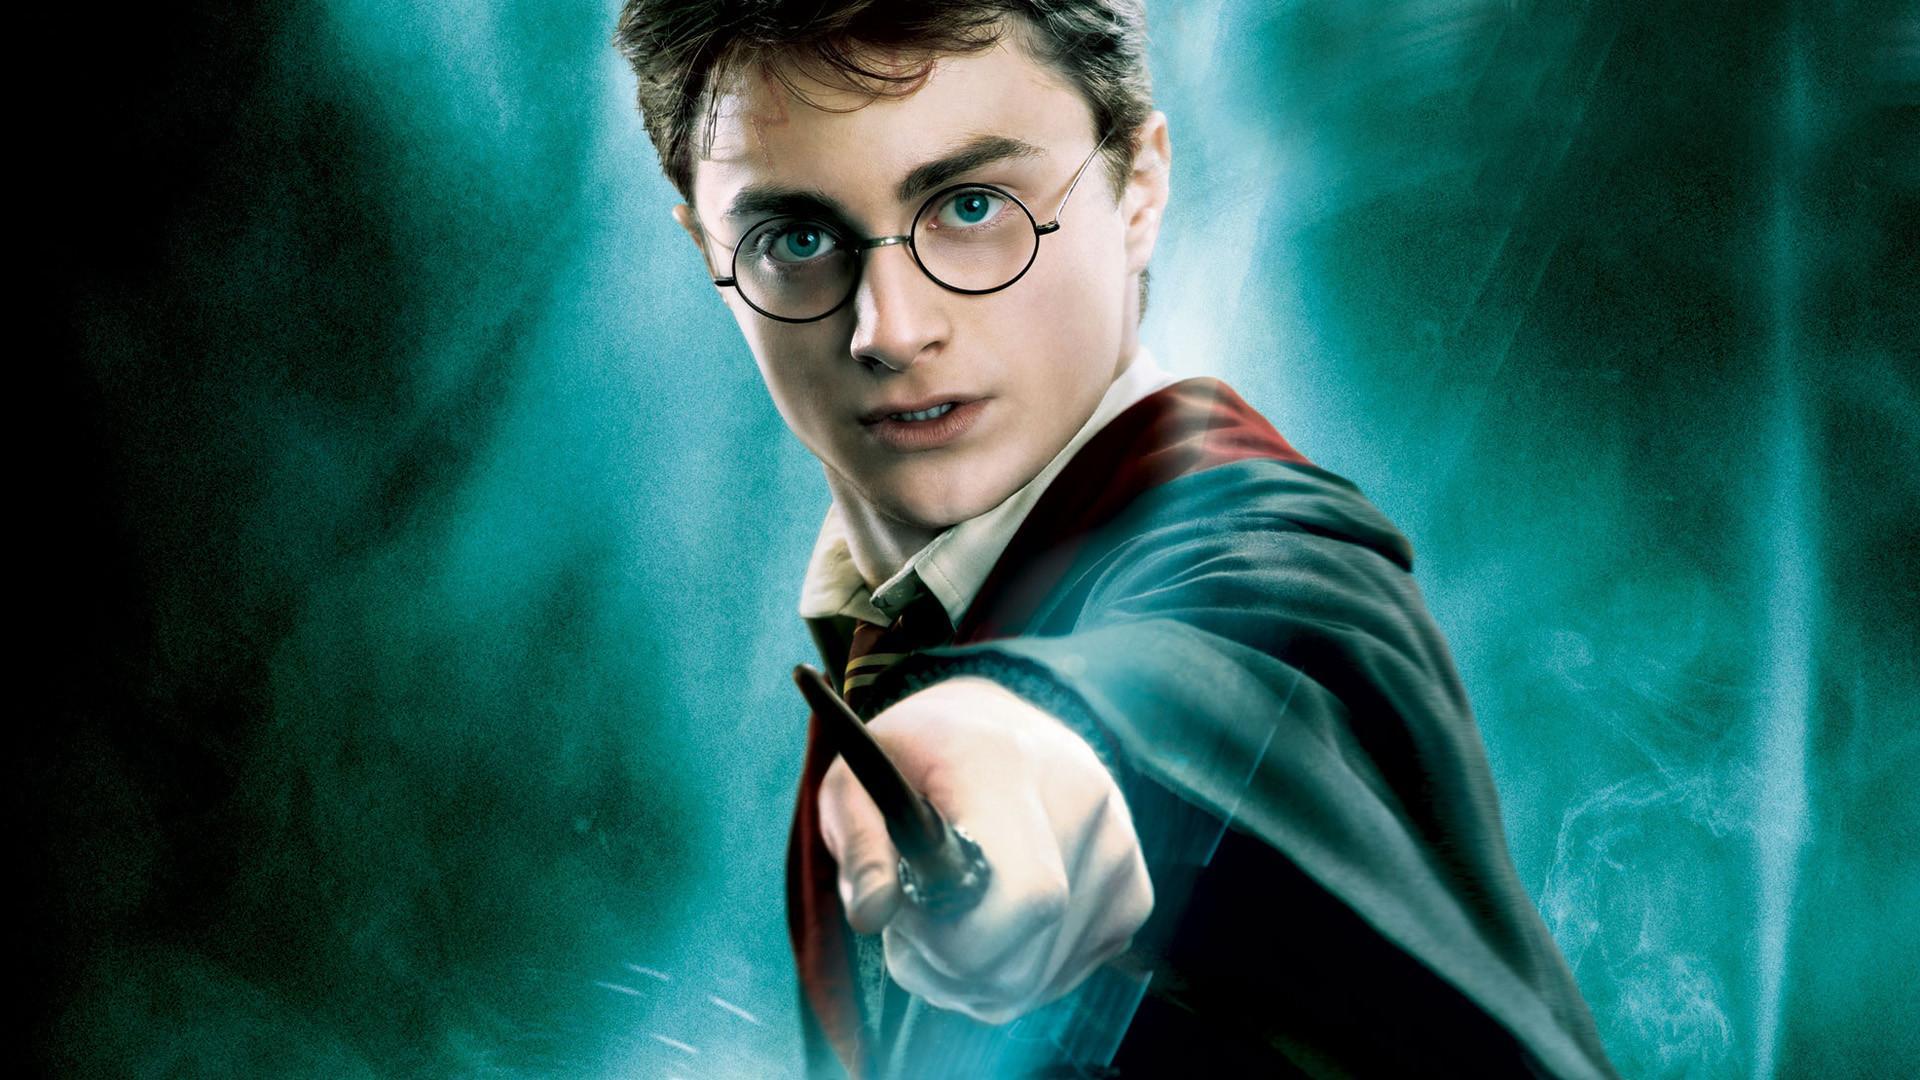 Harry Potter - cậu bé phù thủy sẽ trở lại dưới dạng chuyển thể